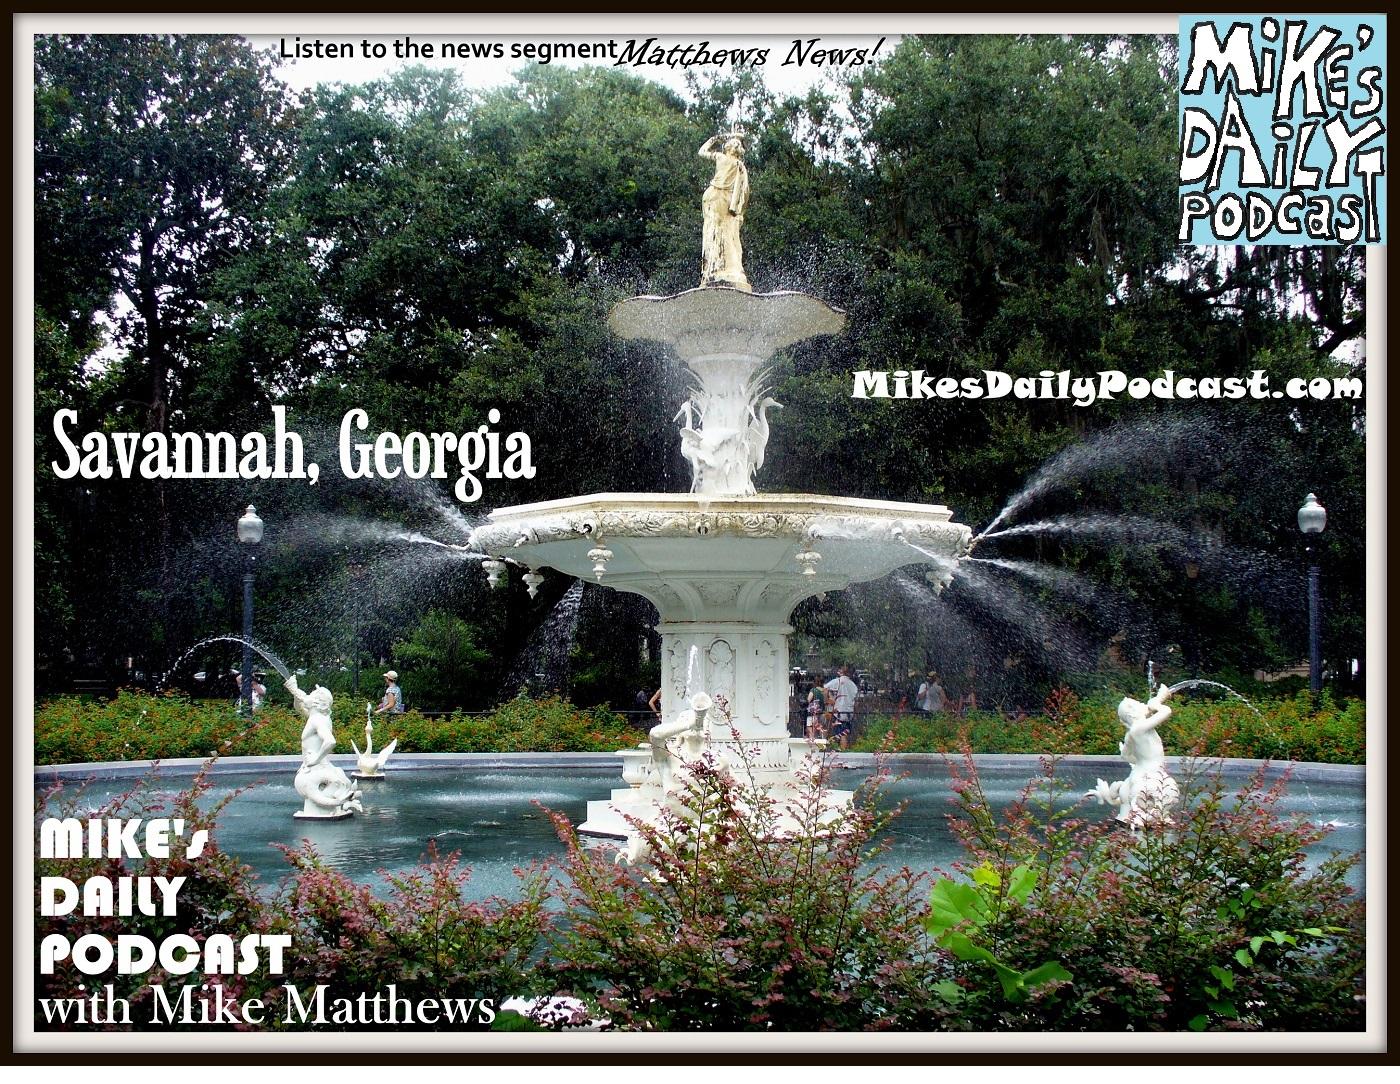 MIKEs DAILY PODCAST 945 Savannah Georgia Fountain